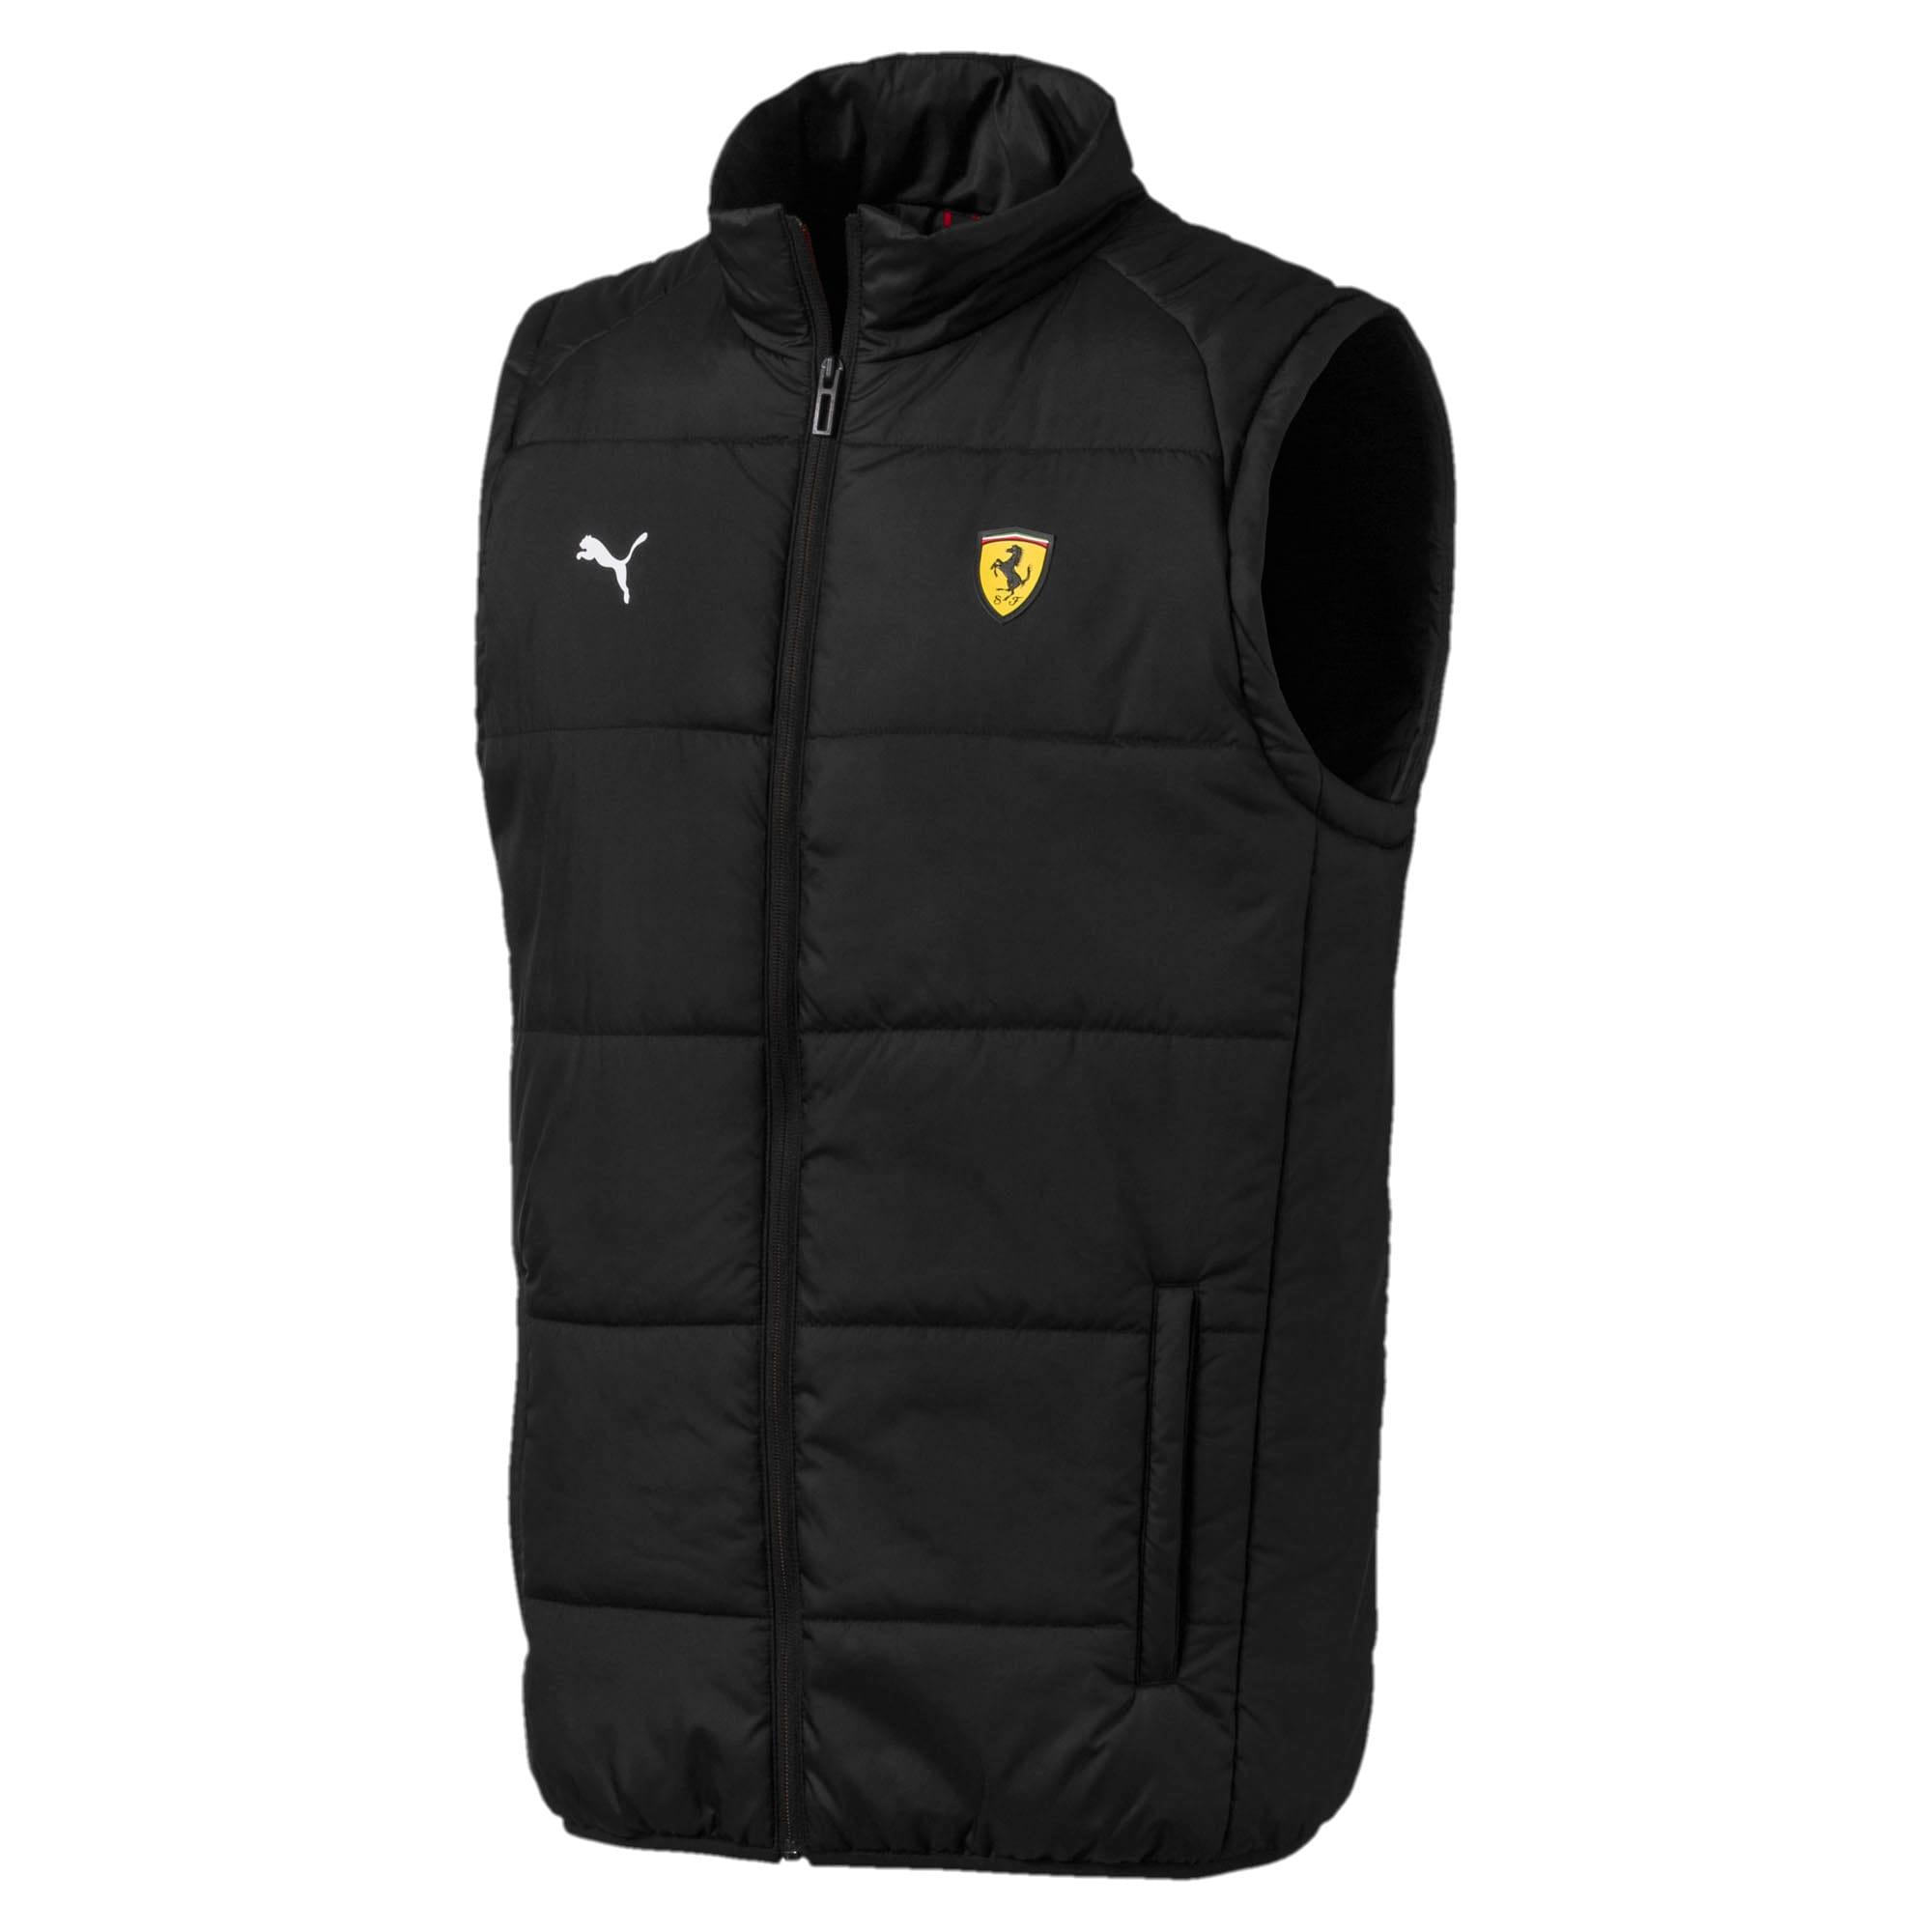 Miniatura 1 de Chaleco acolchado liviano Scuderia Ferrari para hombre, Puma Black, mediano